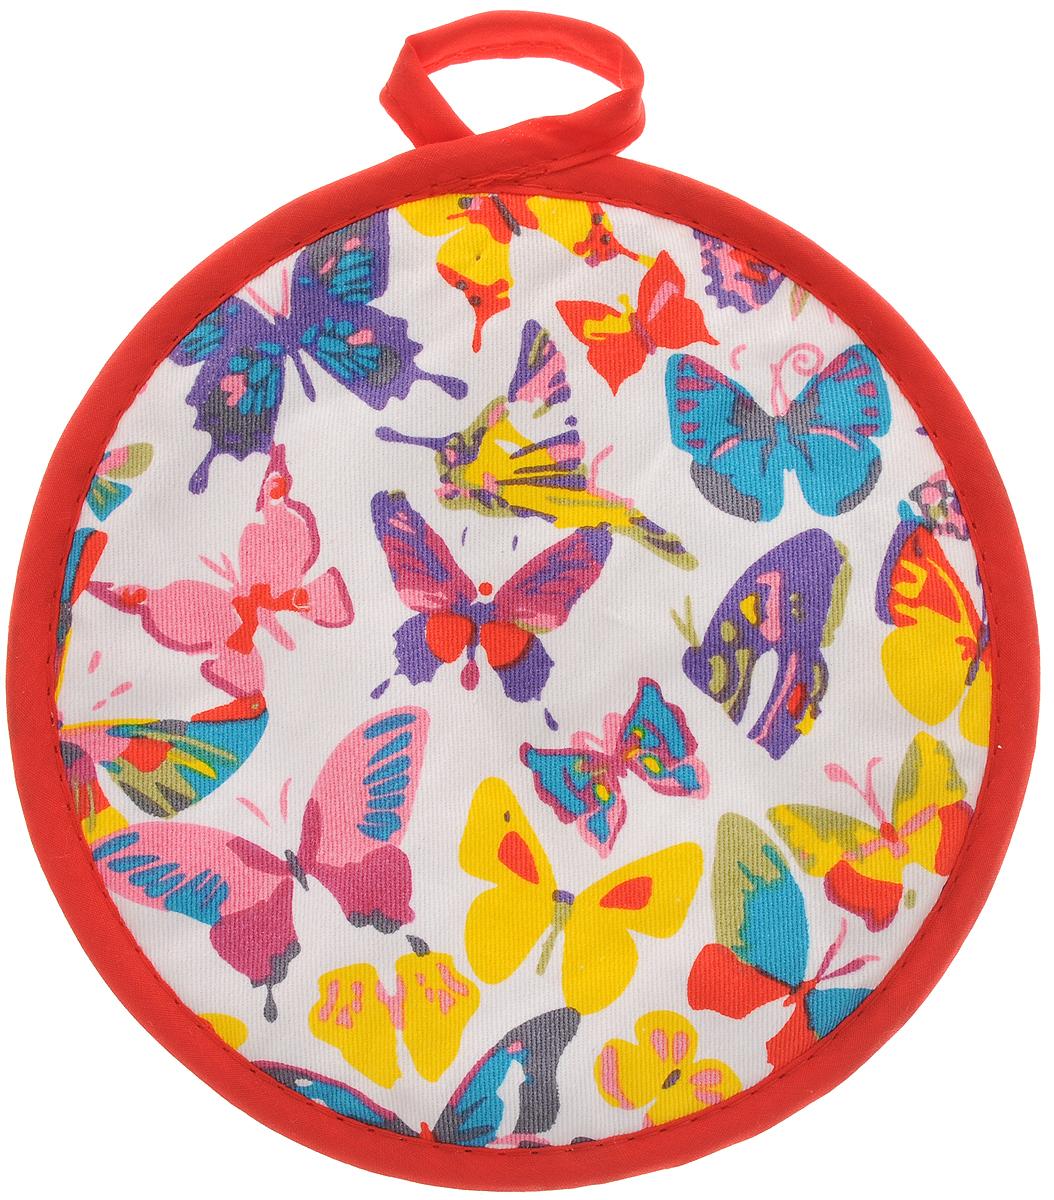 Прихватка Bonita Бабочки, диаметр 18 см1101211569Прихватка Bonita выполнена из натурального хлопка и декорирована оригинальным рисунком. Изделие оснащено специальной петелькой, за которую его можно подвесить на крючок в любом удобном для вас месте. Такая прихватка красиво дополнит интерьер кухни.